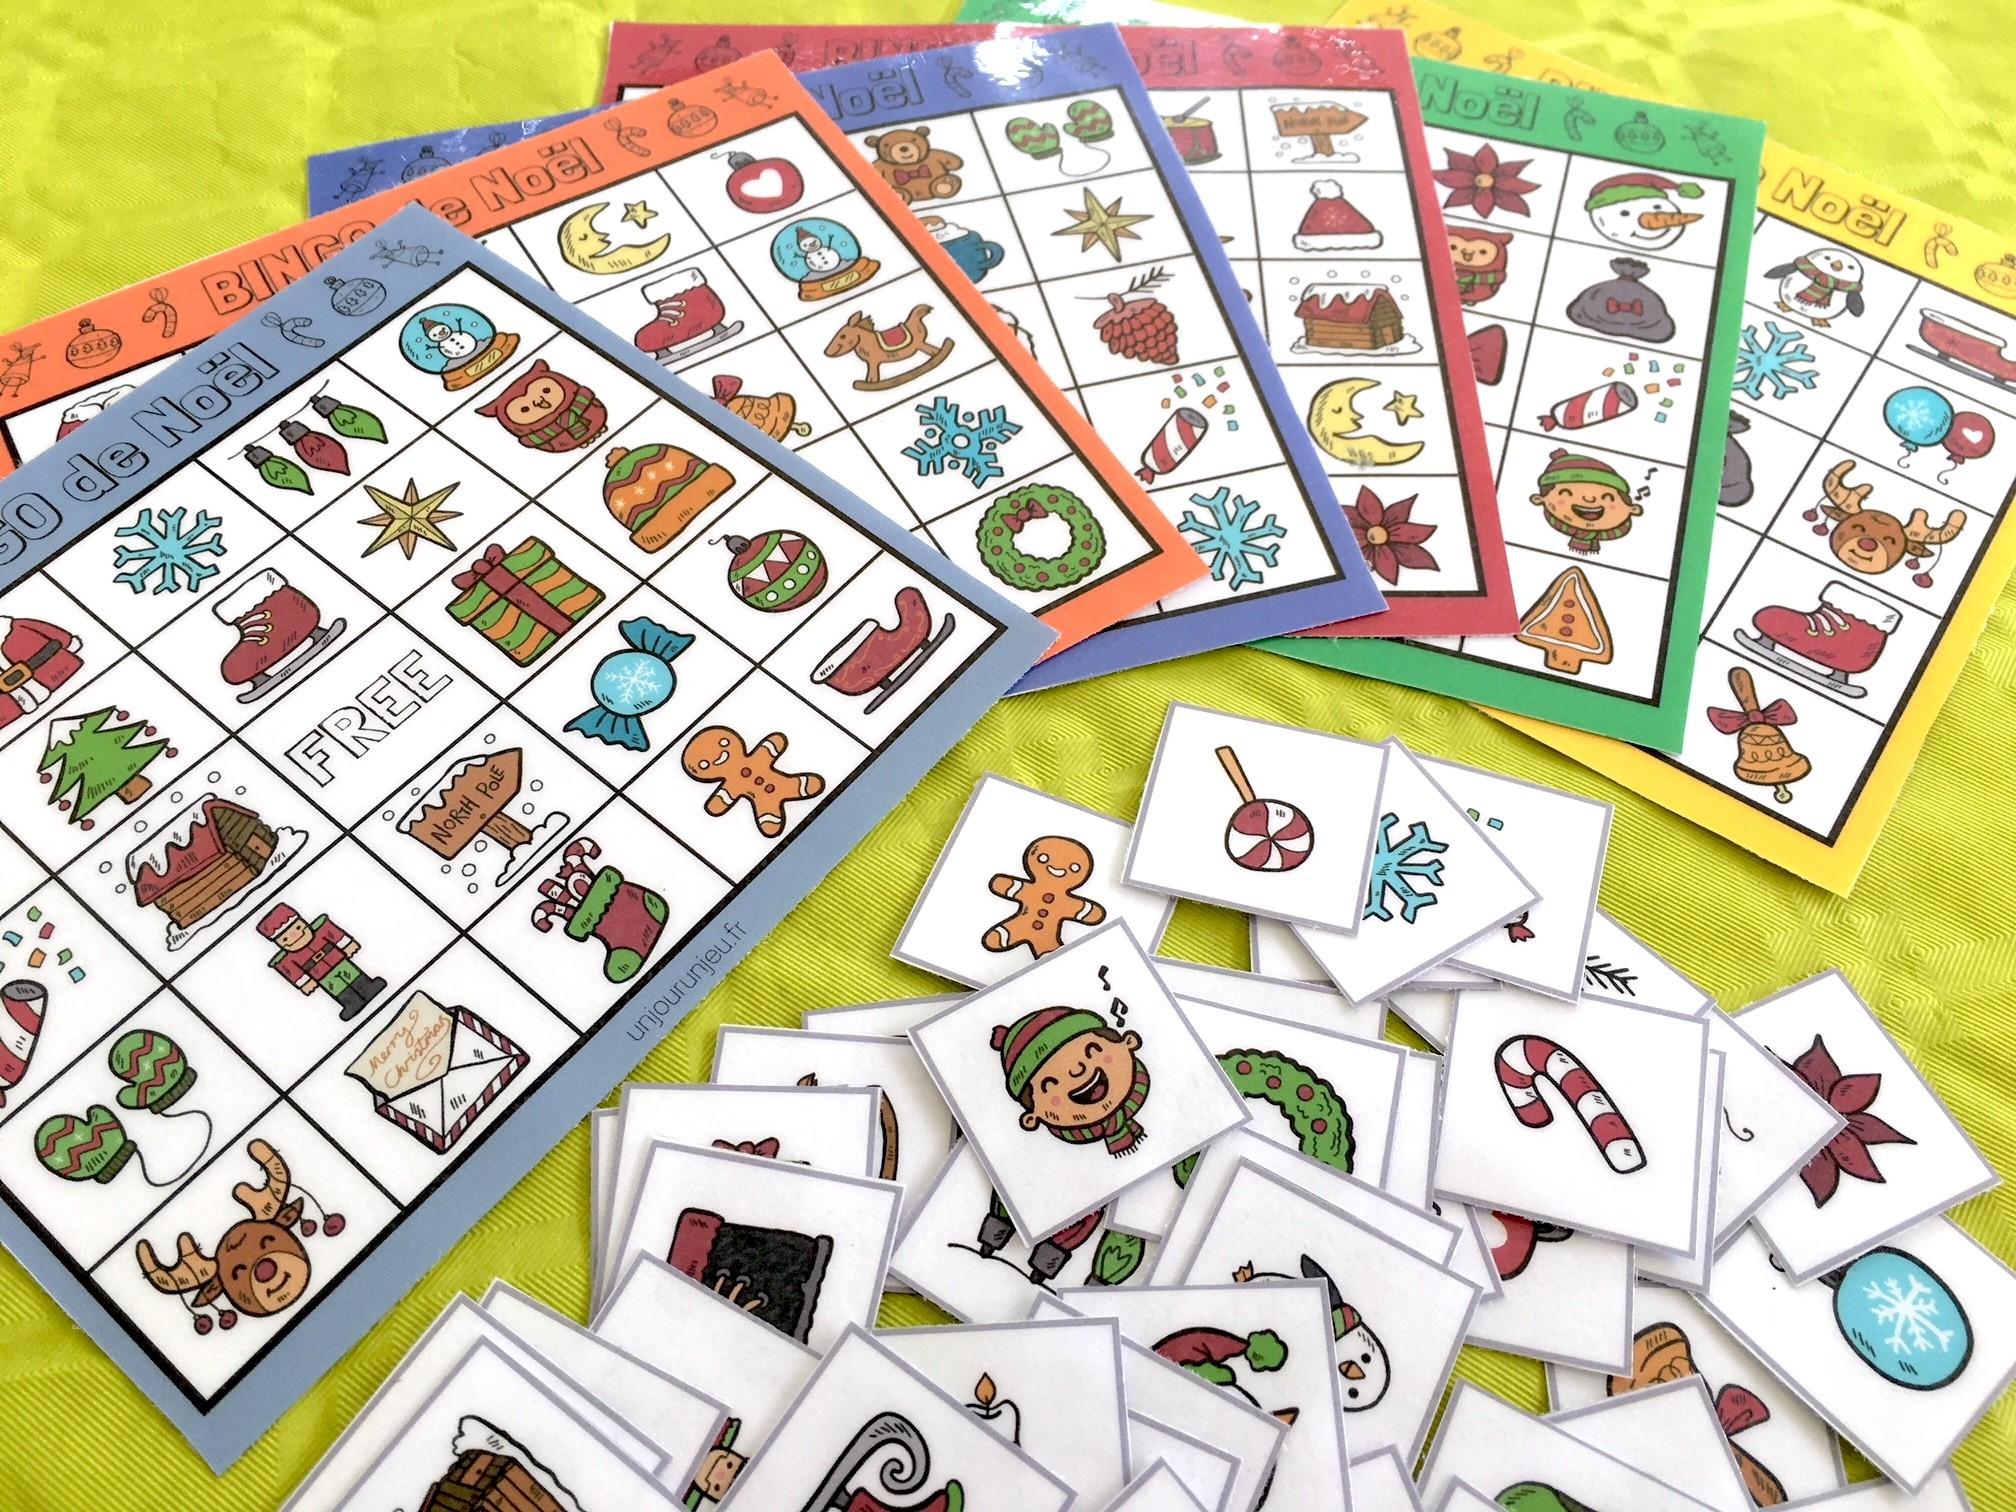 Jeu De Noël : Bingo À Télécharger Gratuitement Pour Vos Enfants avec Jeux Pour Bébé En Ligne 2 Ans